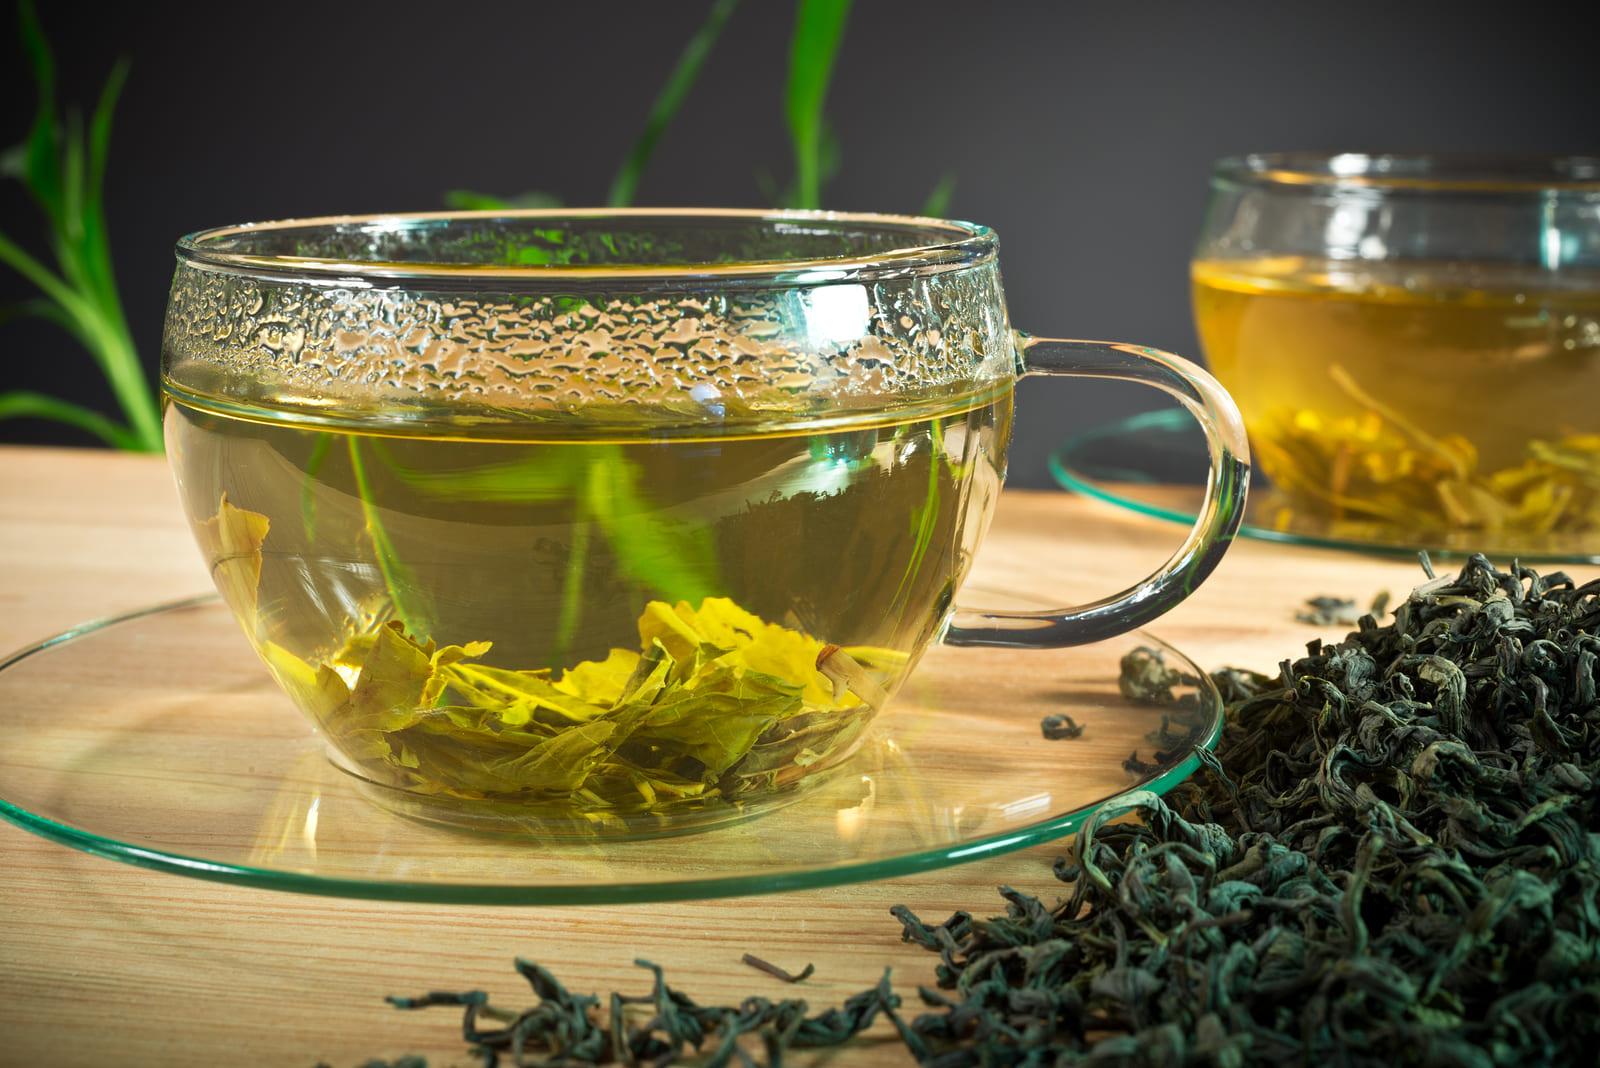 Как Правильно Заваривать Зеленый Чай В Пакетиках - детально о чае